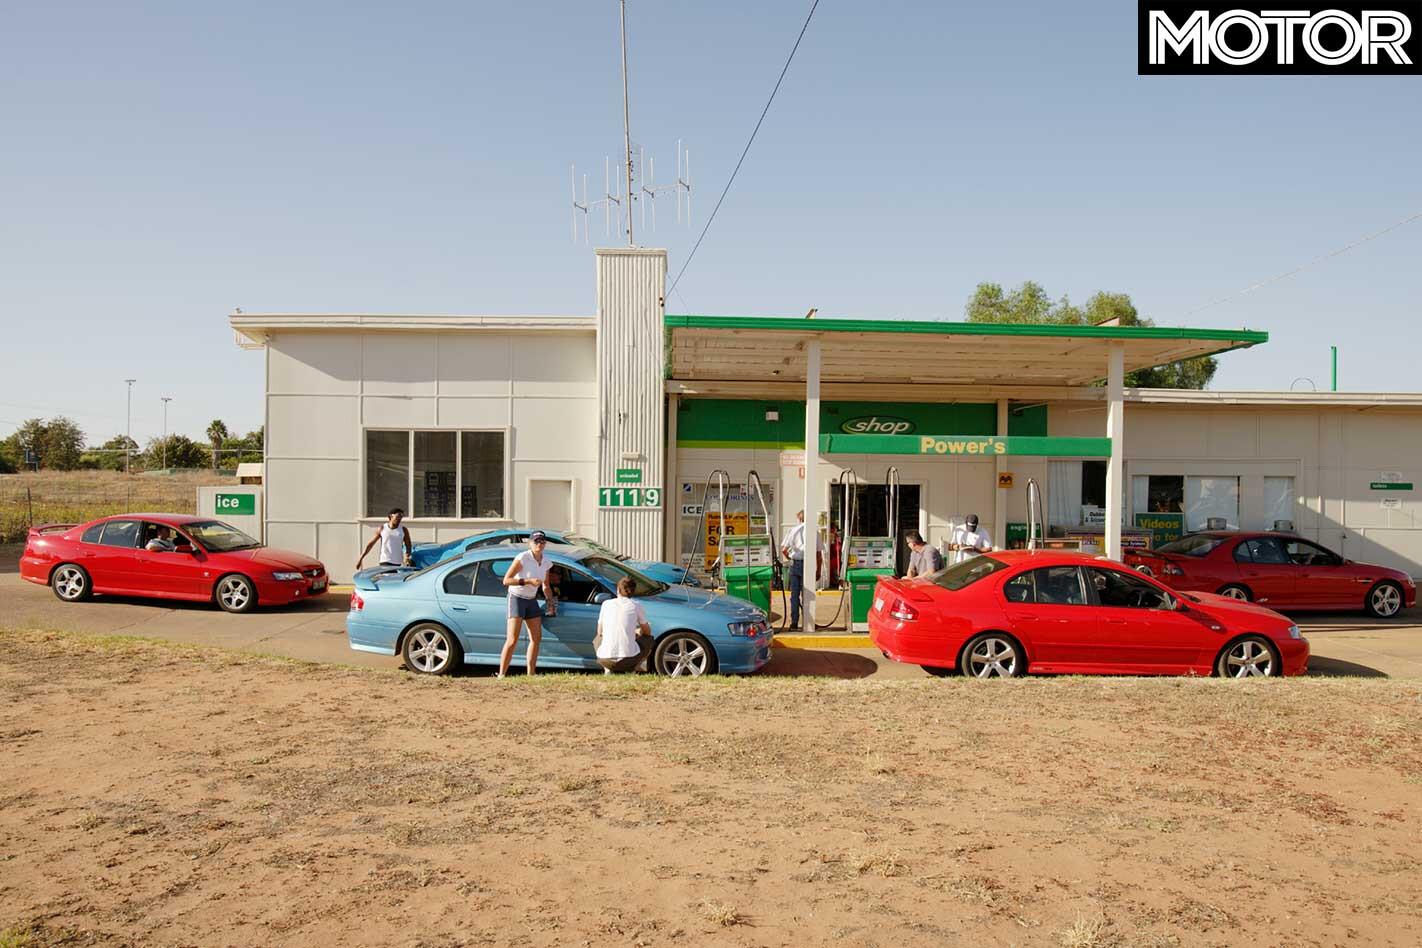 All Aussie Showdown 2005 Holden Commodore SS Vs Monaro CV 8 Vs Commodore SV 8 Vs Ford Falcon XR 6 Turbo Vs Falcon XR 8 Fuel Stop Jpg